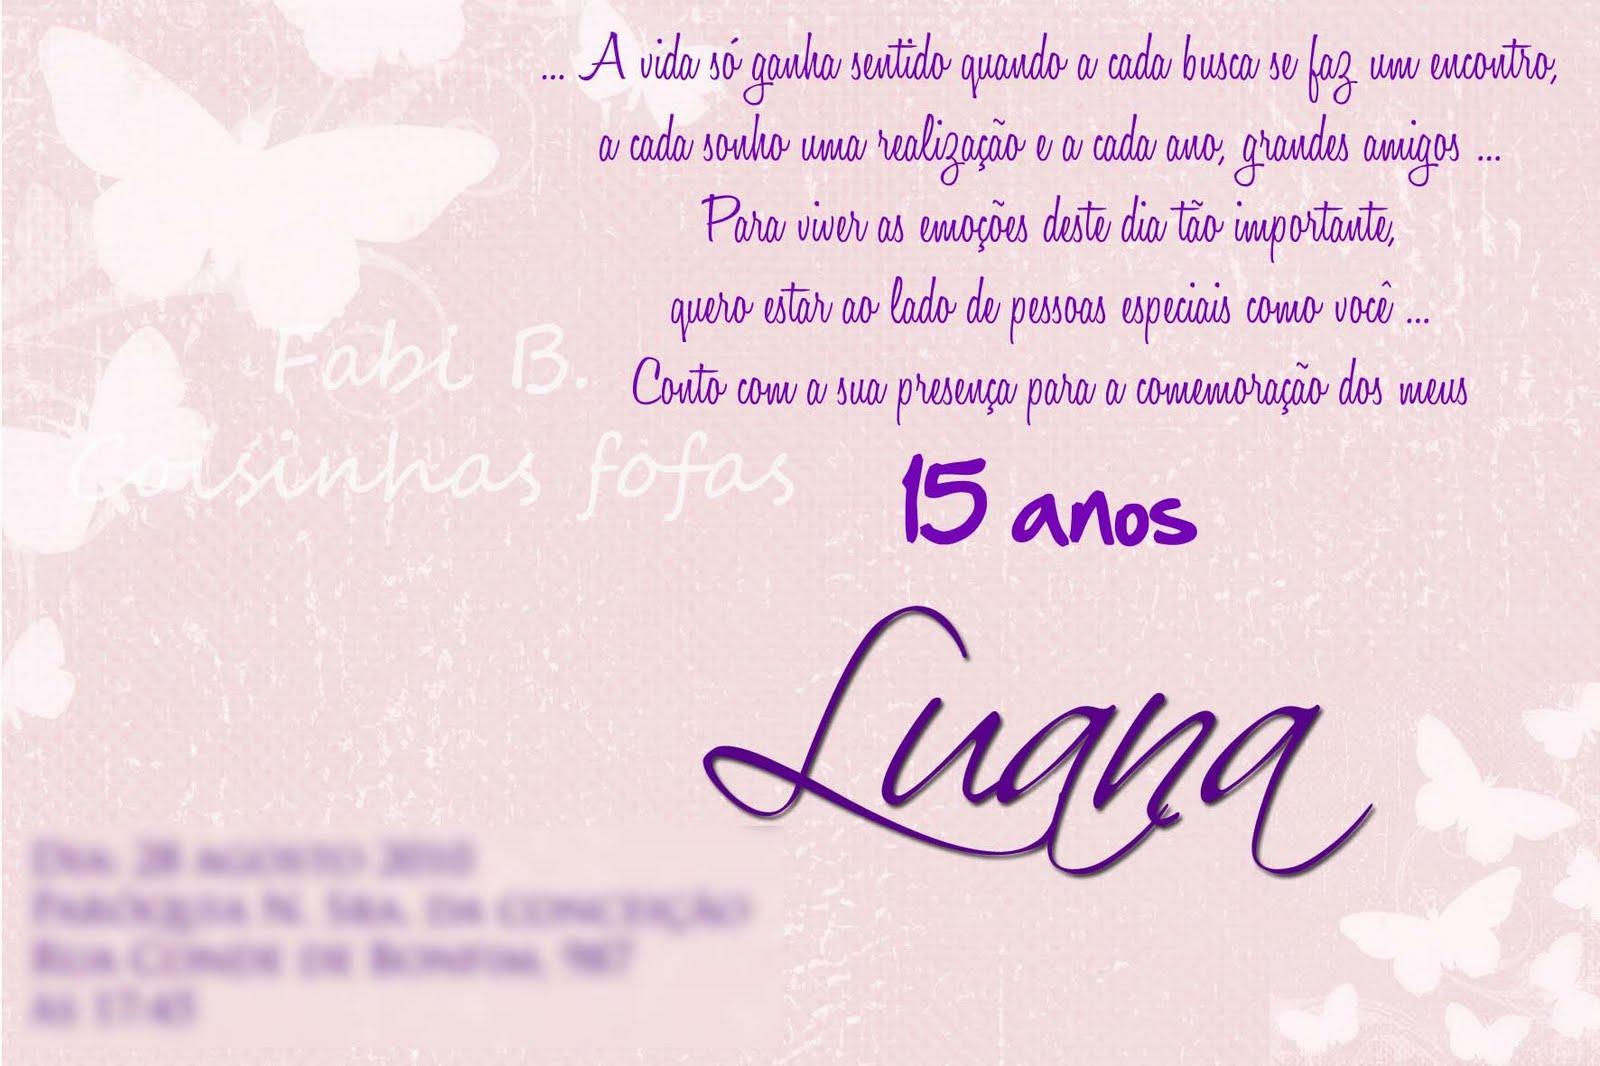 Textos De Aniversario Para Pai Tumblr: Fabi_b: Convite 15 Anos